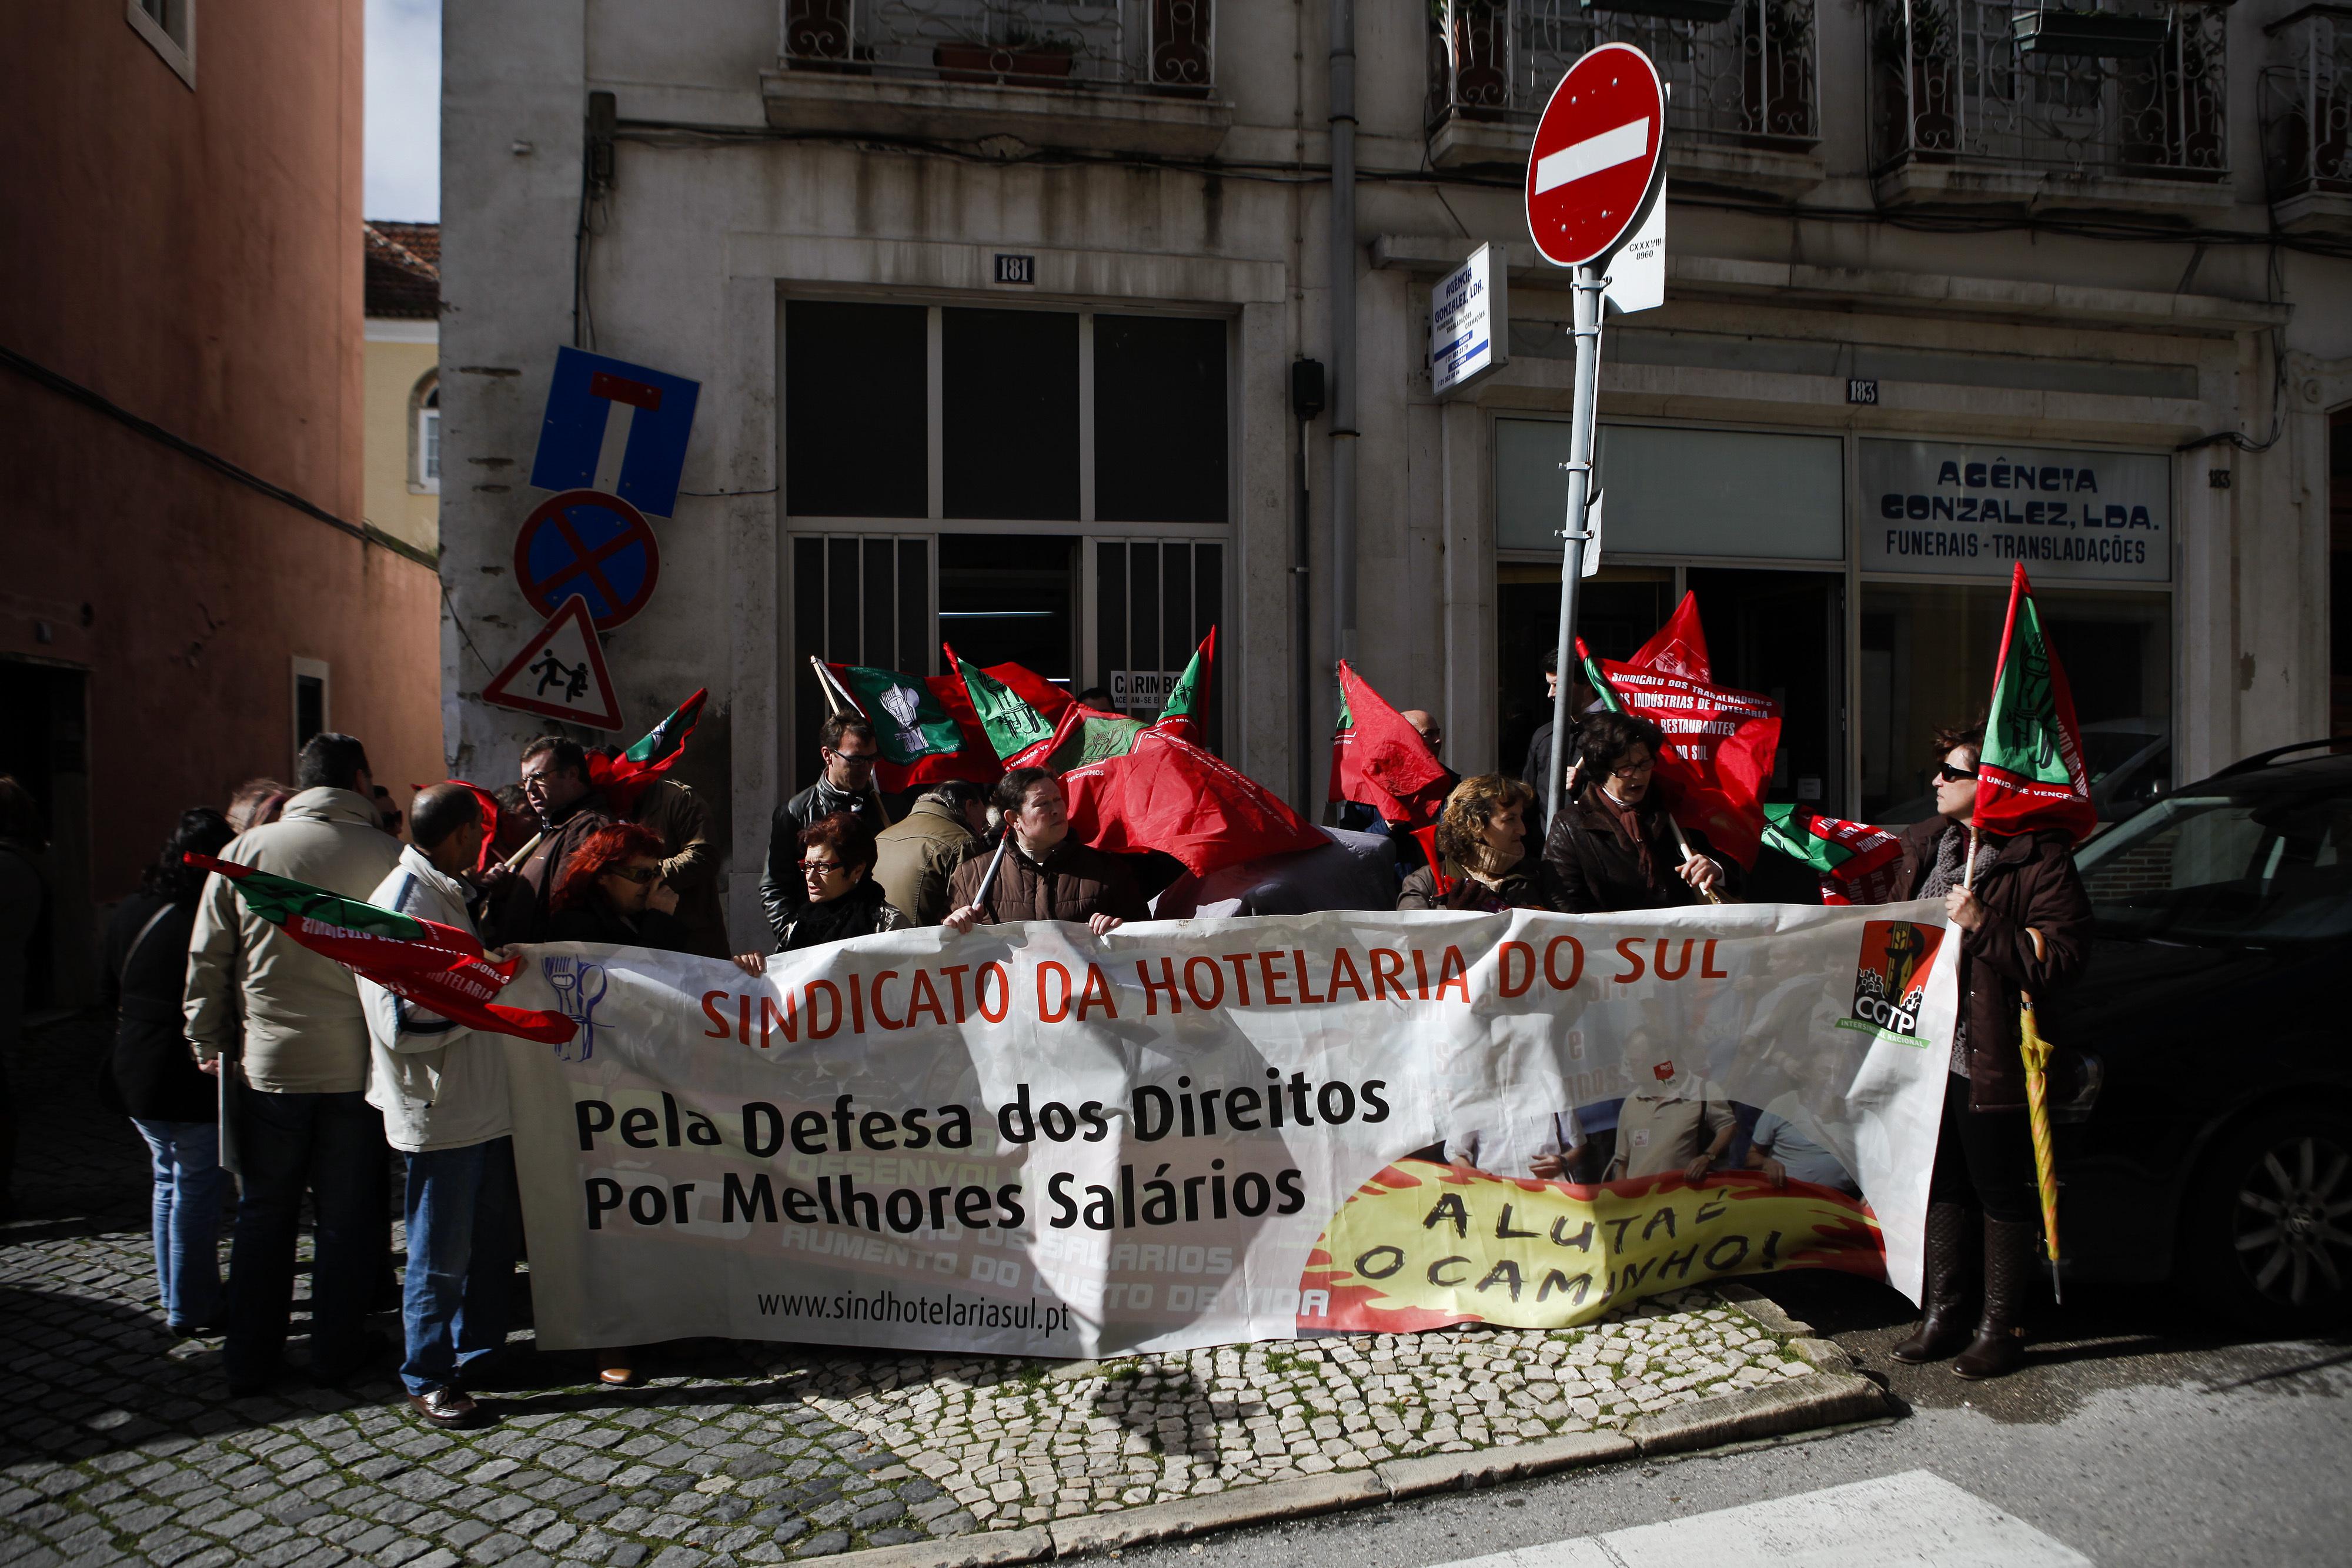 Hoteleiros da Fundação Inatel estão hoje em greve e concentram-se em Lisboa